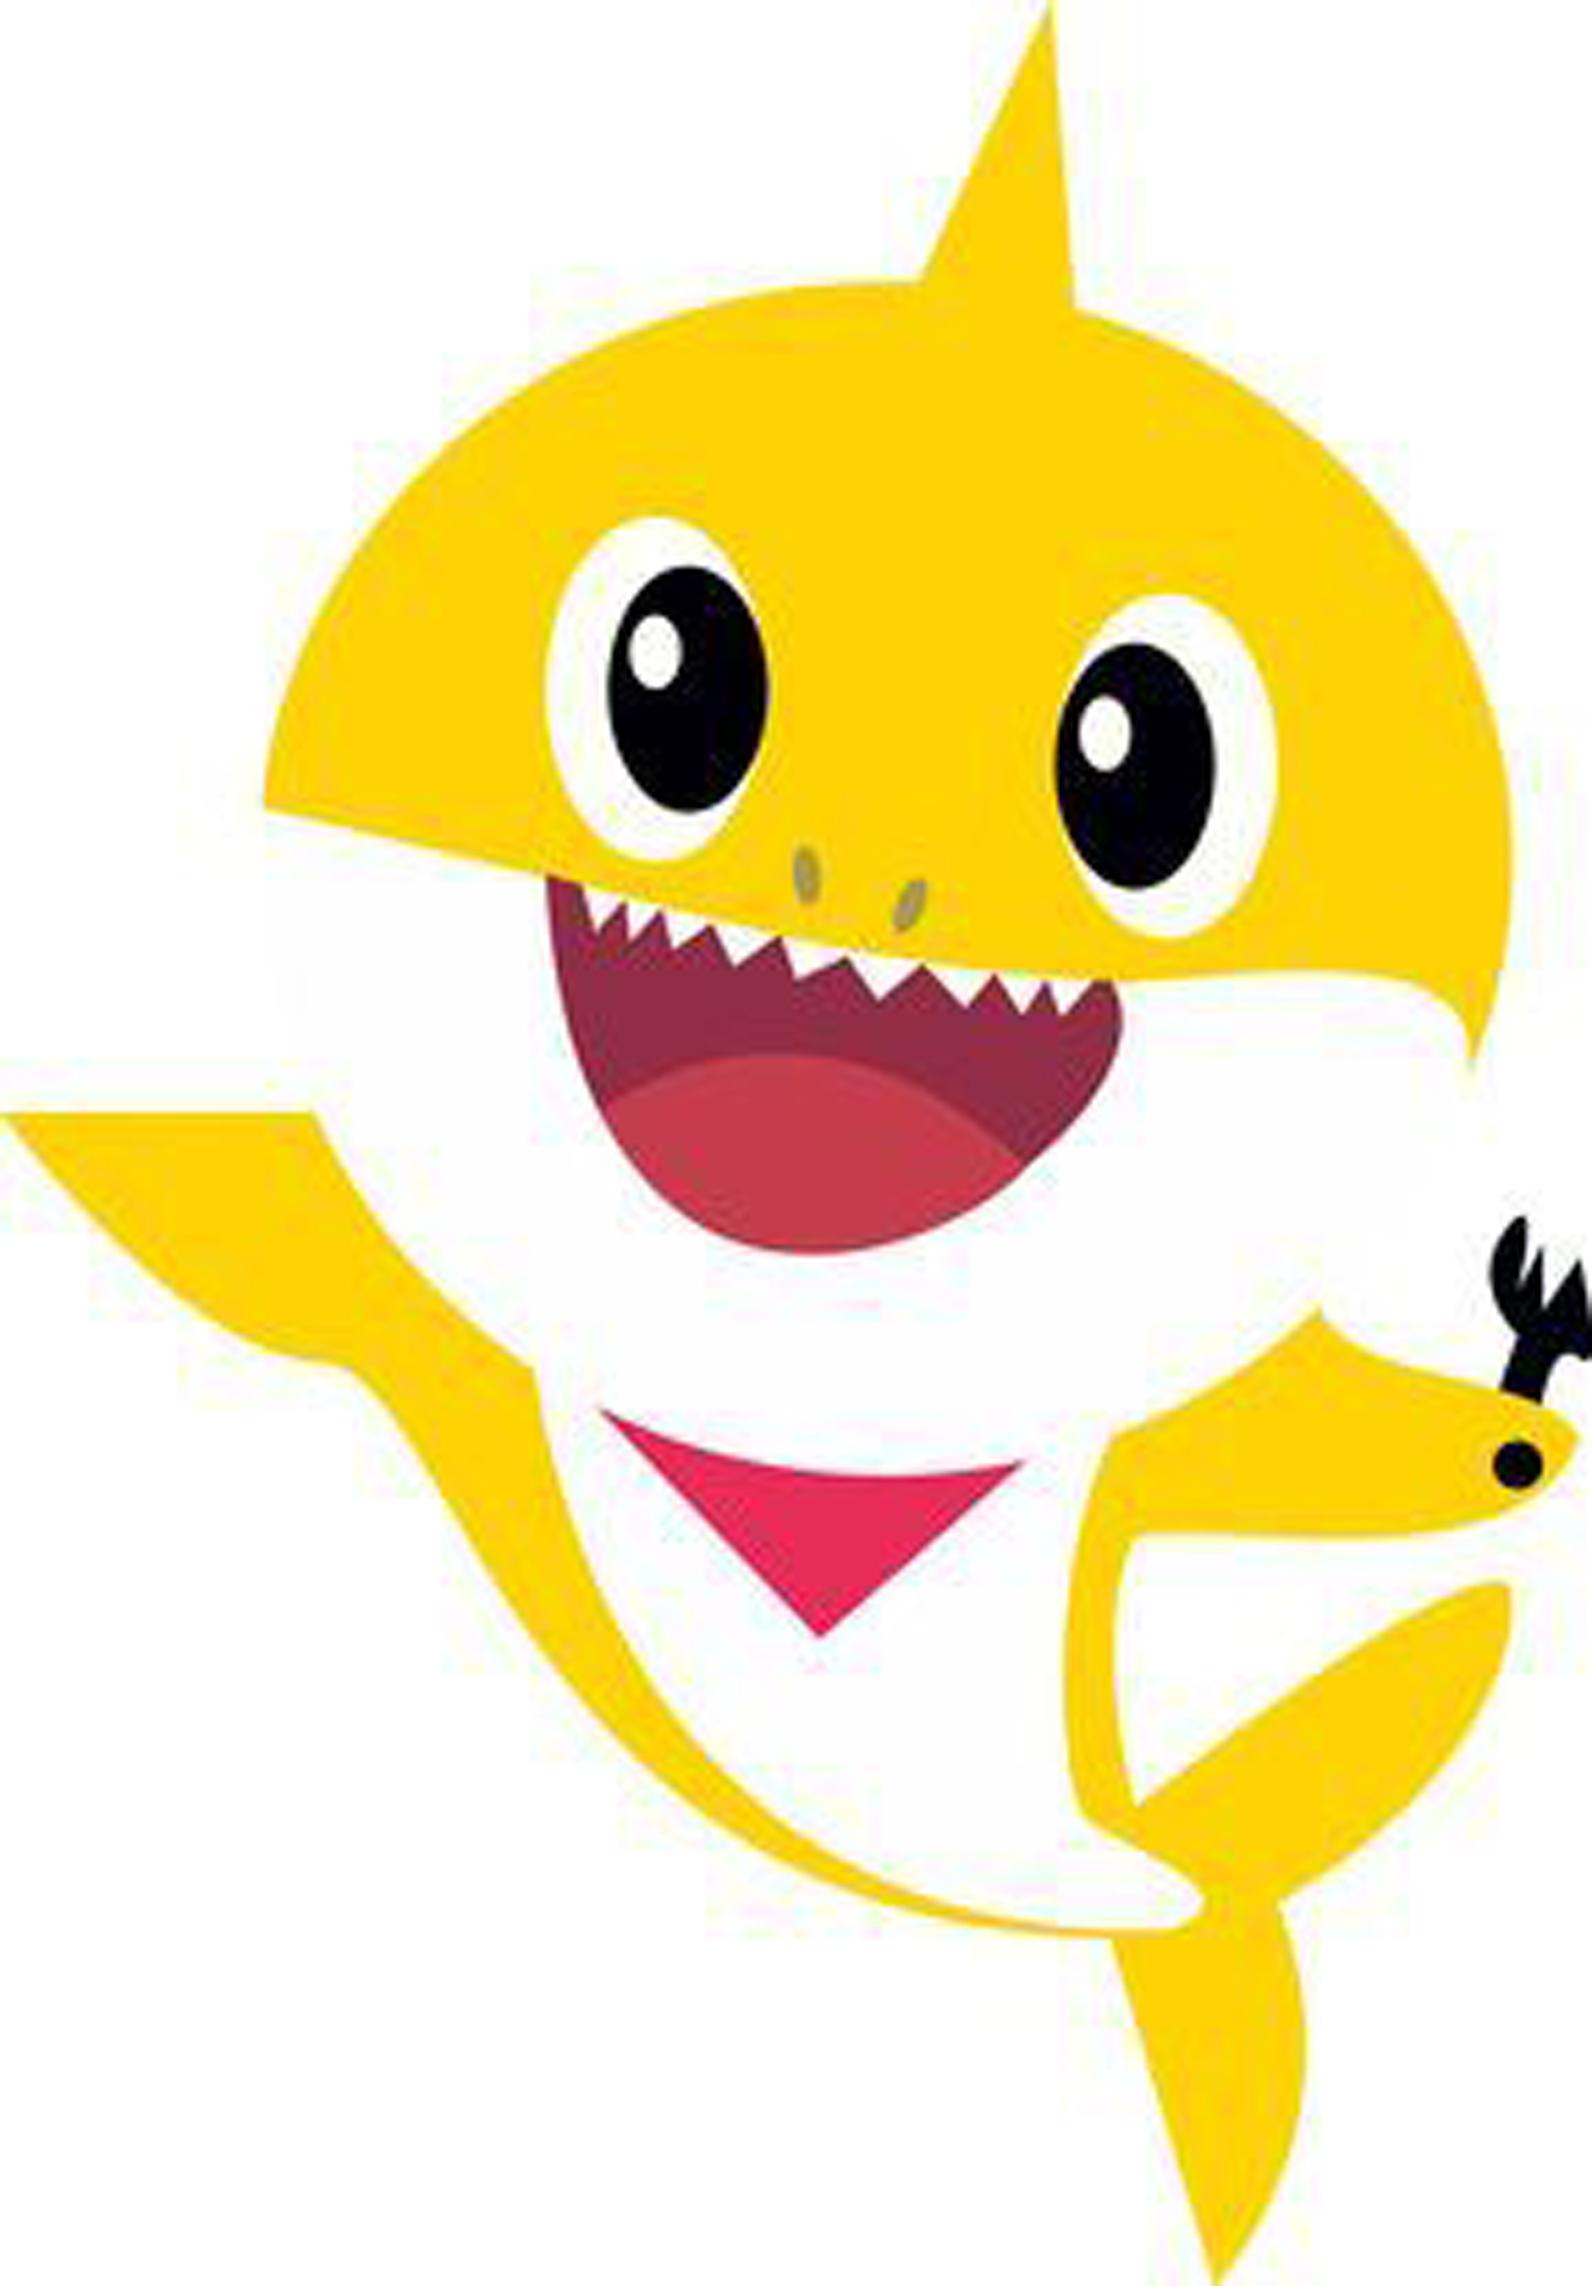 MOLLYWOOD BLVD: Baby Shark (Doo Doo Doo Doo Doo Doo).